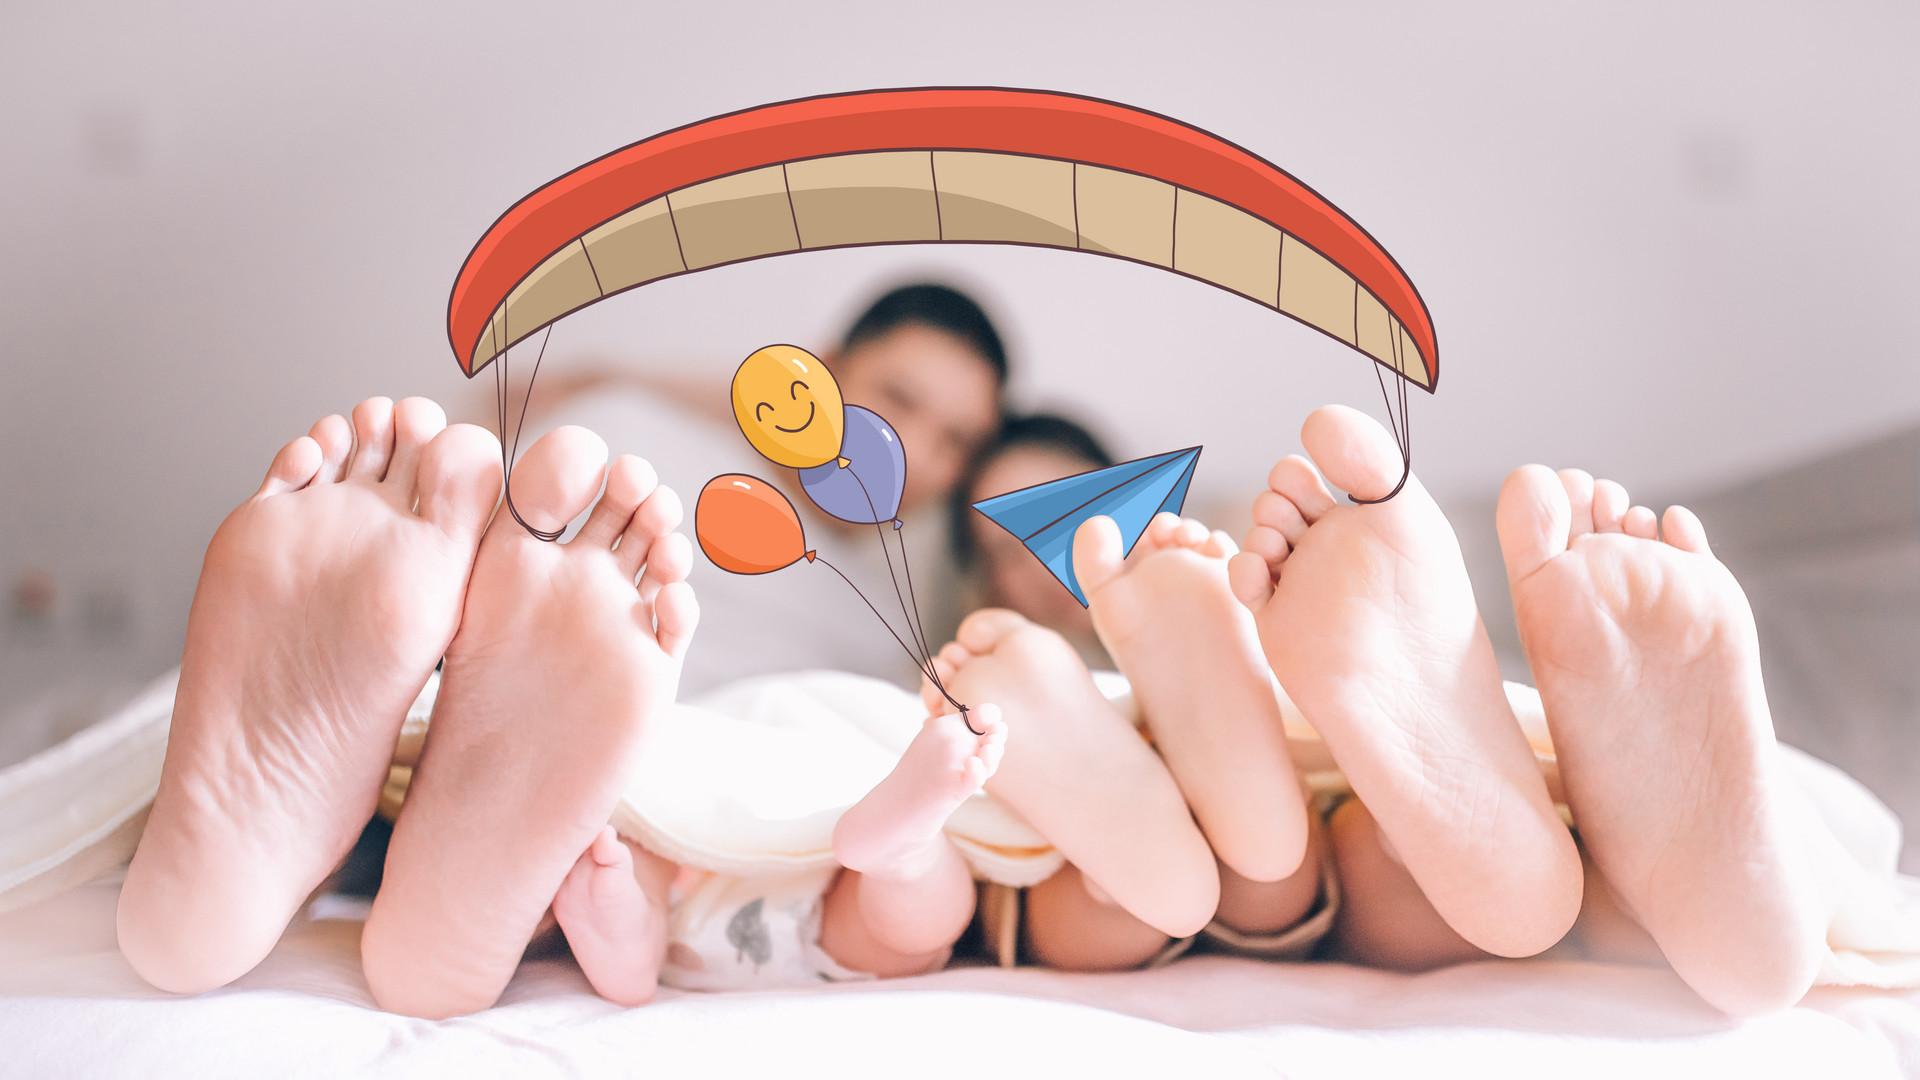 自述 一位普通妈妈带俩娃的心酸史,看完后还想要二胎吗